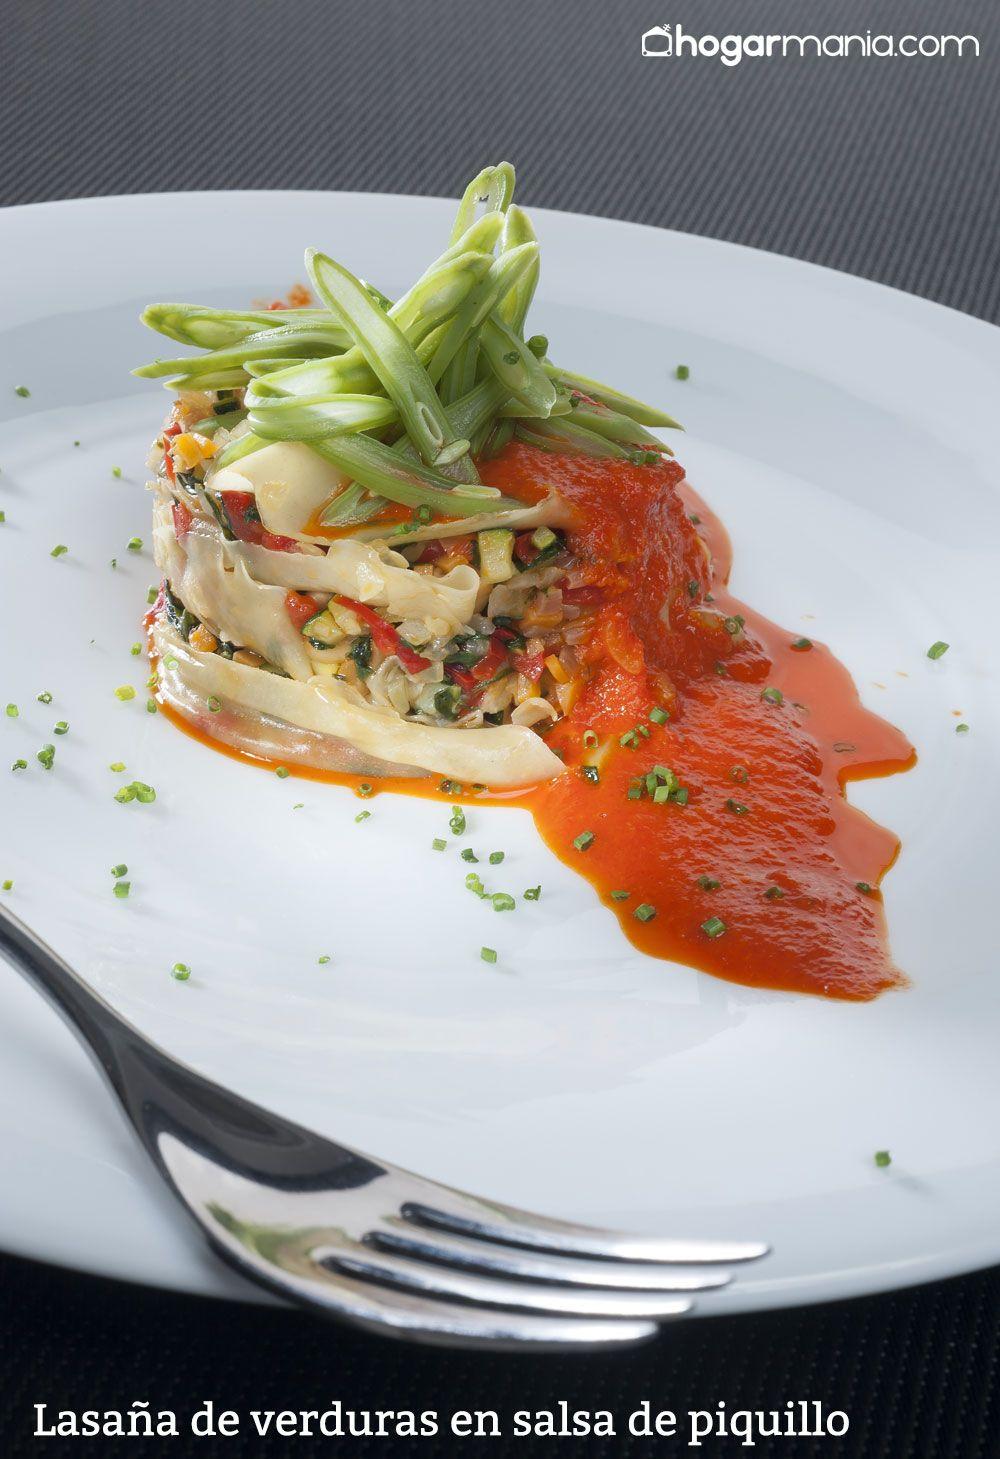 Lasaña de verduras en salsa de piquillo